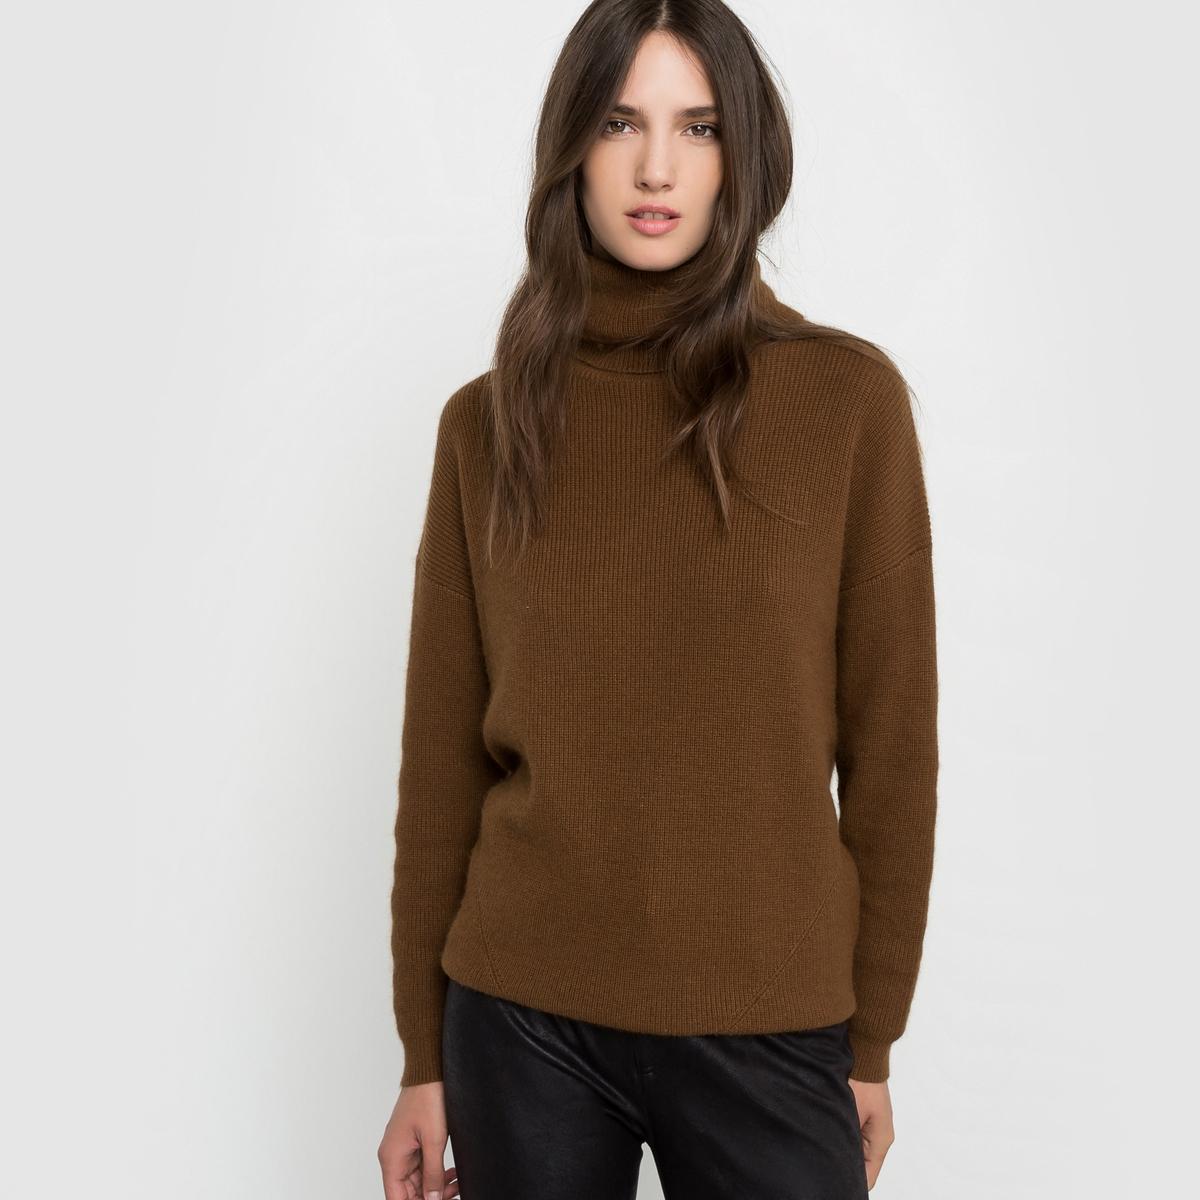 Пуловер свободного покроя с закатывающимся воротникомСостав и описаниеМарка : SEE U SOONМатериал :  35% кашемира, 35% шерсти, 20% полиамида, 10% вискозыУходРучная стирка<br><br>Цвет: хаки<br>Размер: S/M